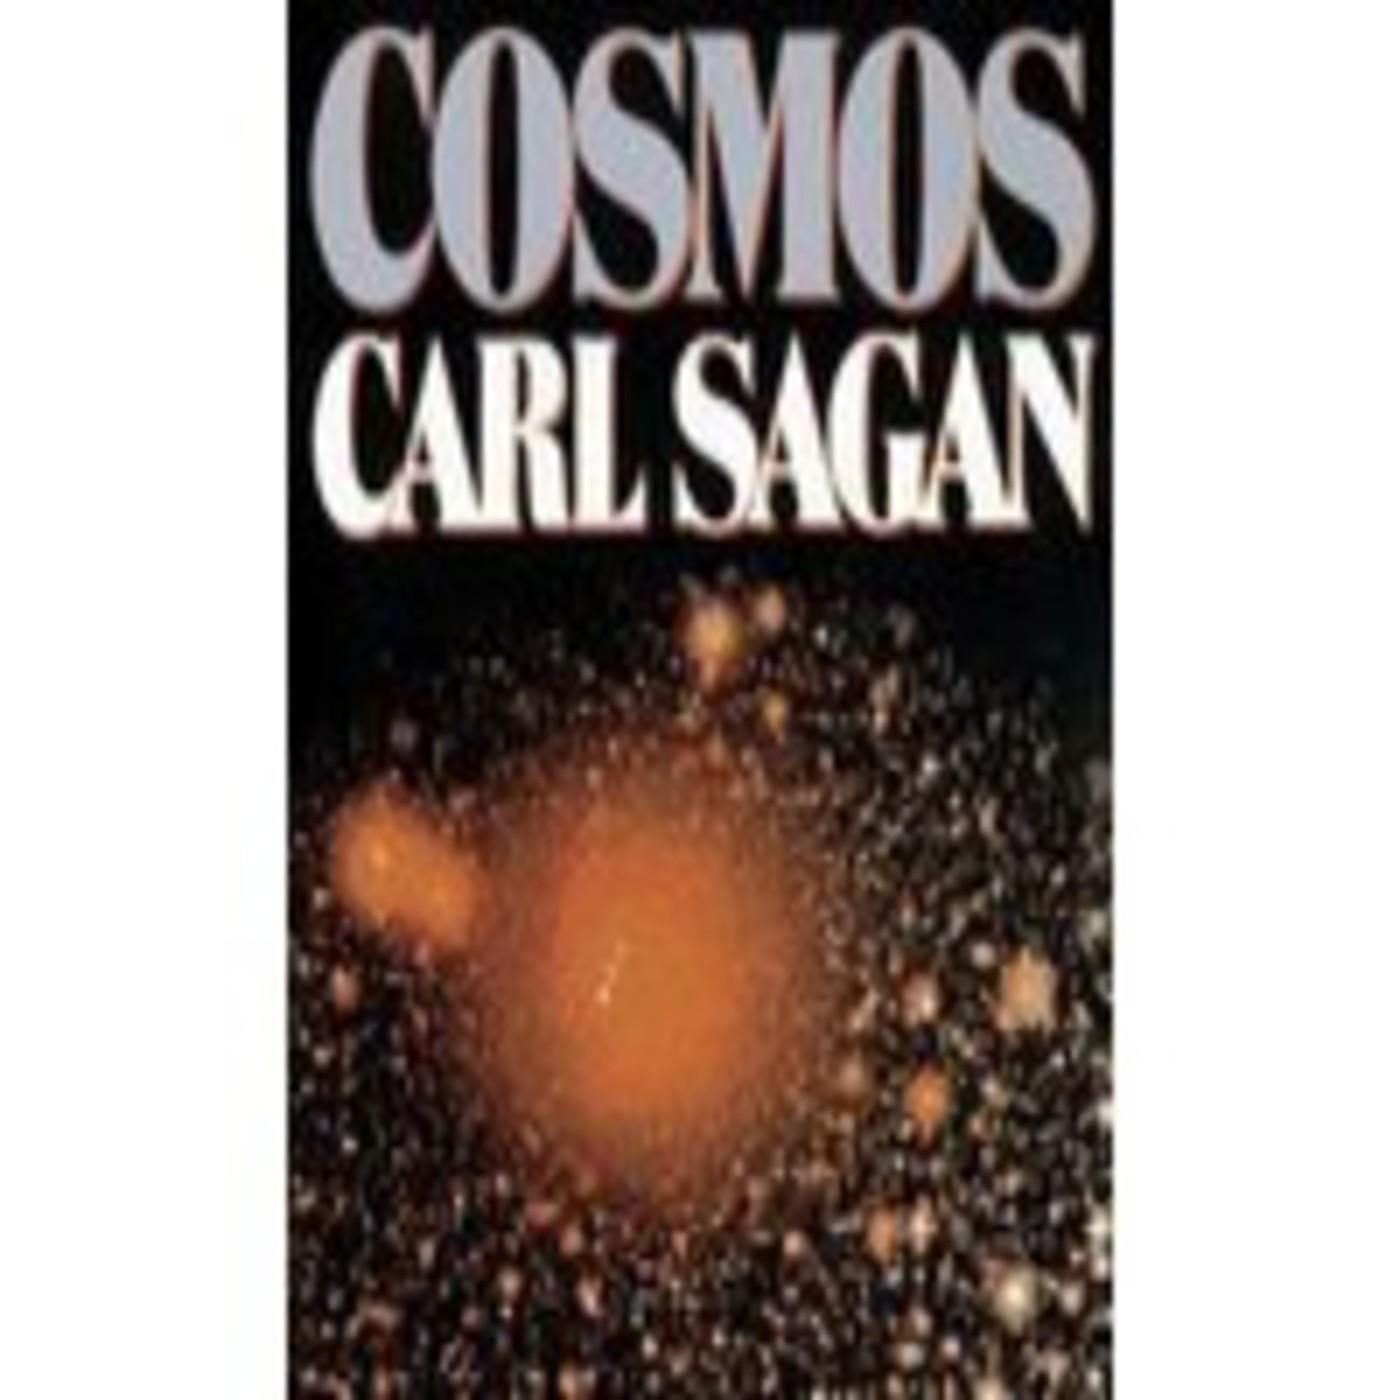 COSMOS (Carl Sagan) - Una voz en la fuga cósmica